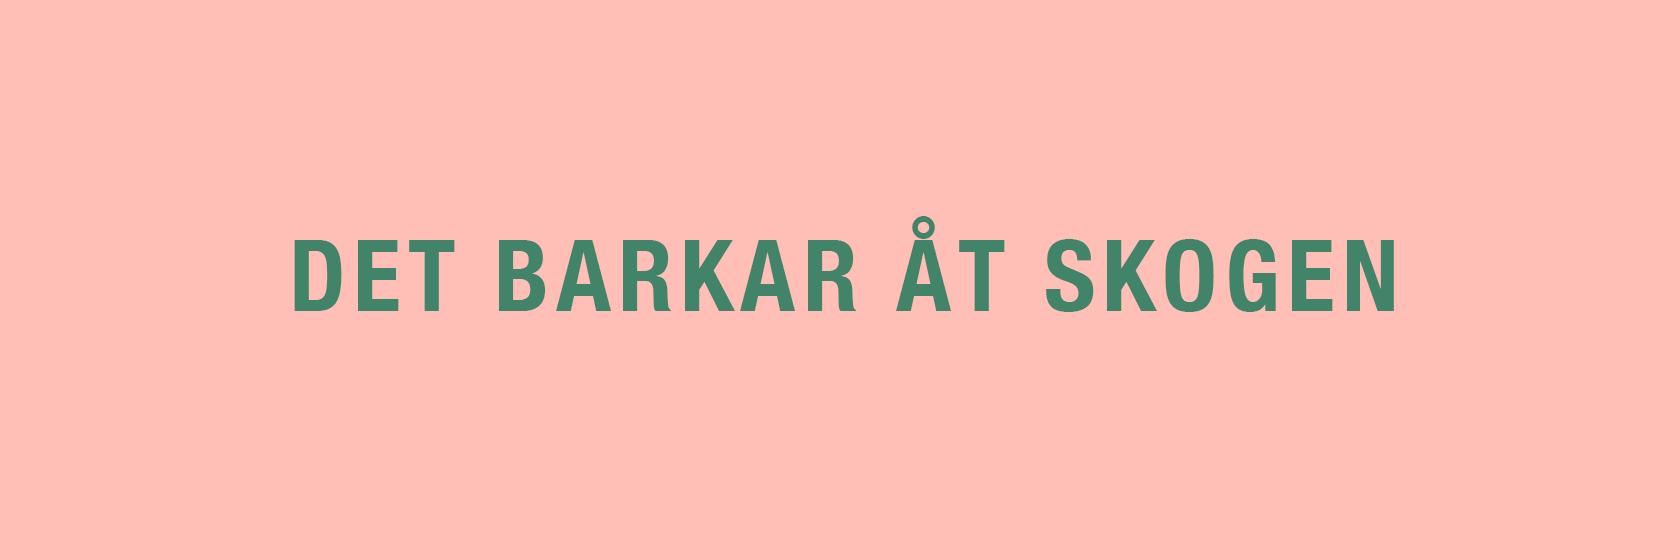 Barkar Åt Skogen